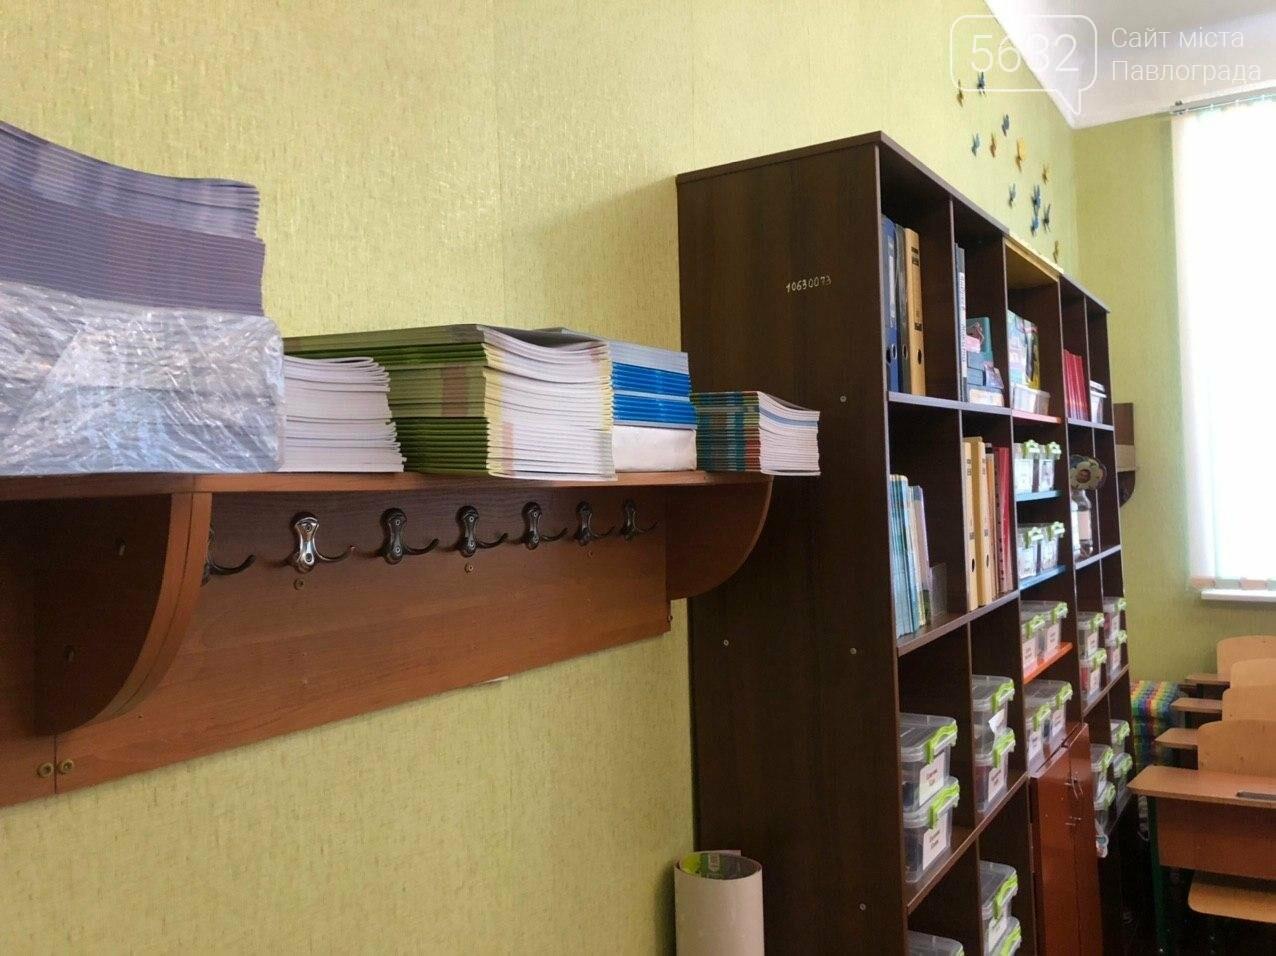 Санитайзеры и медицинские маски: как школы Павлограда готовятся к новому учебному году (ФОТО), фото-28